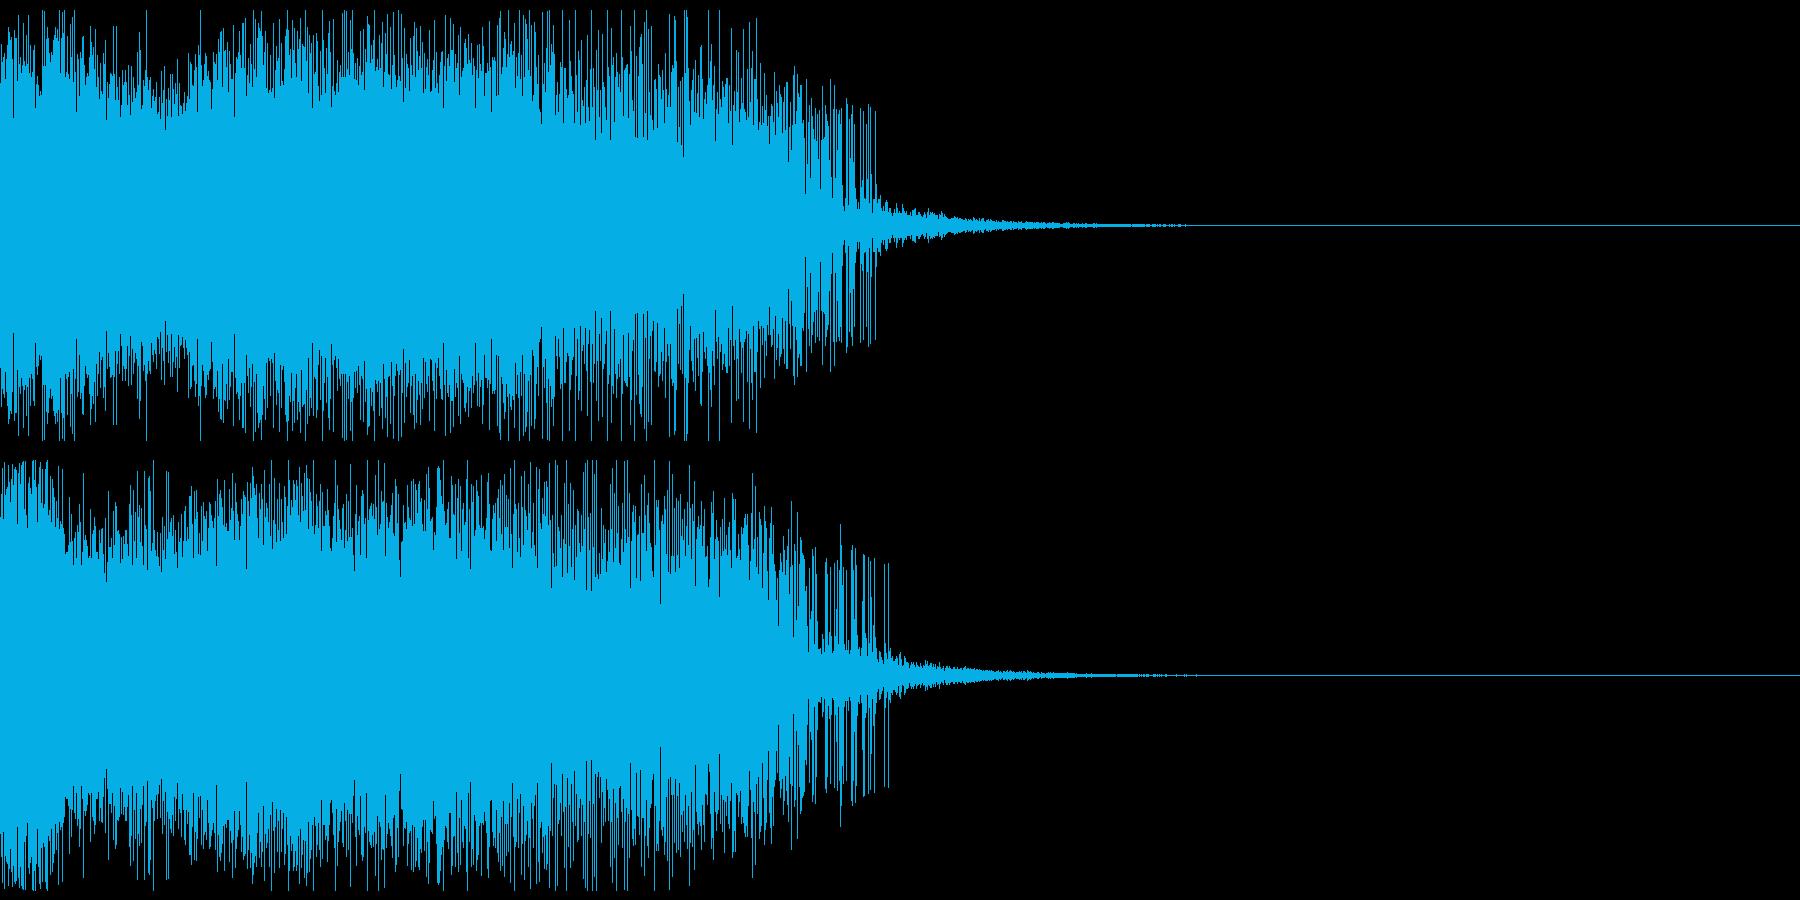 墜落音01の再生済みの波形